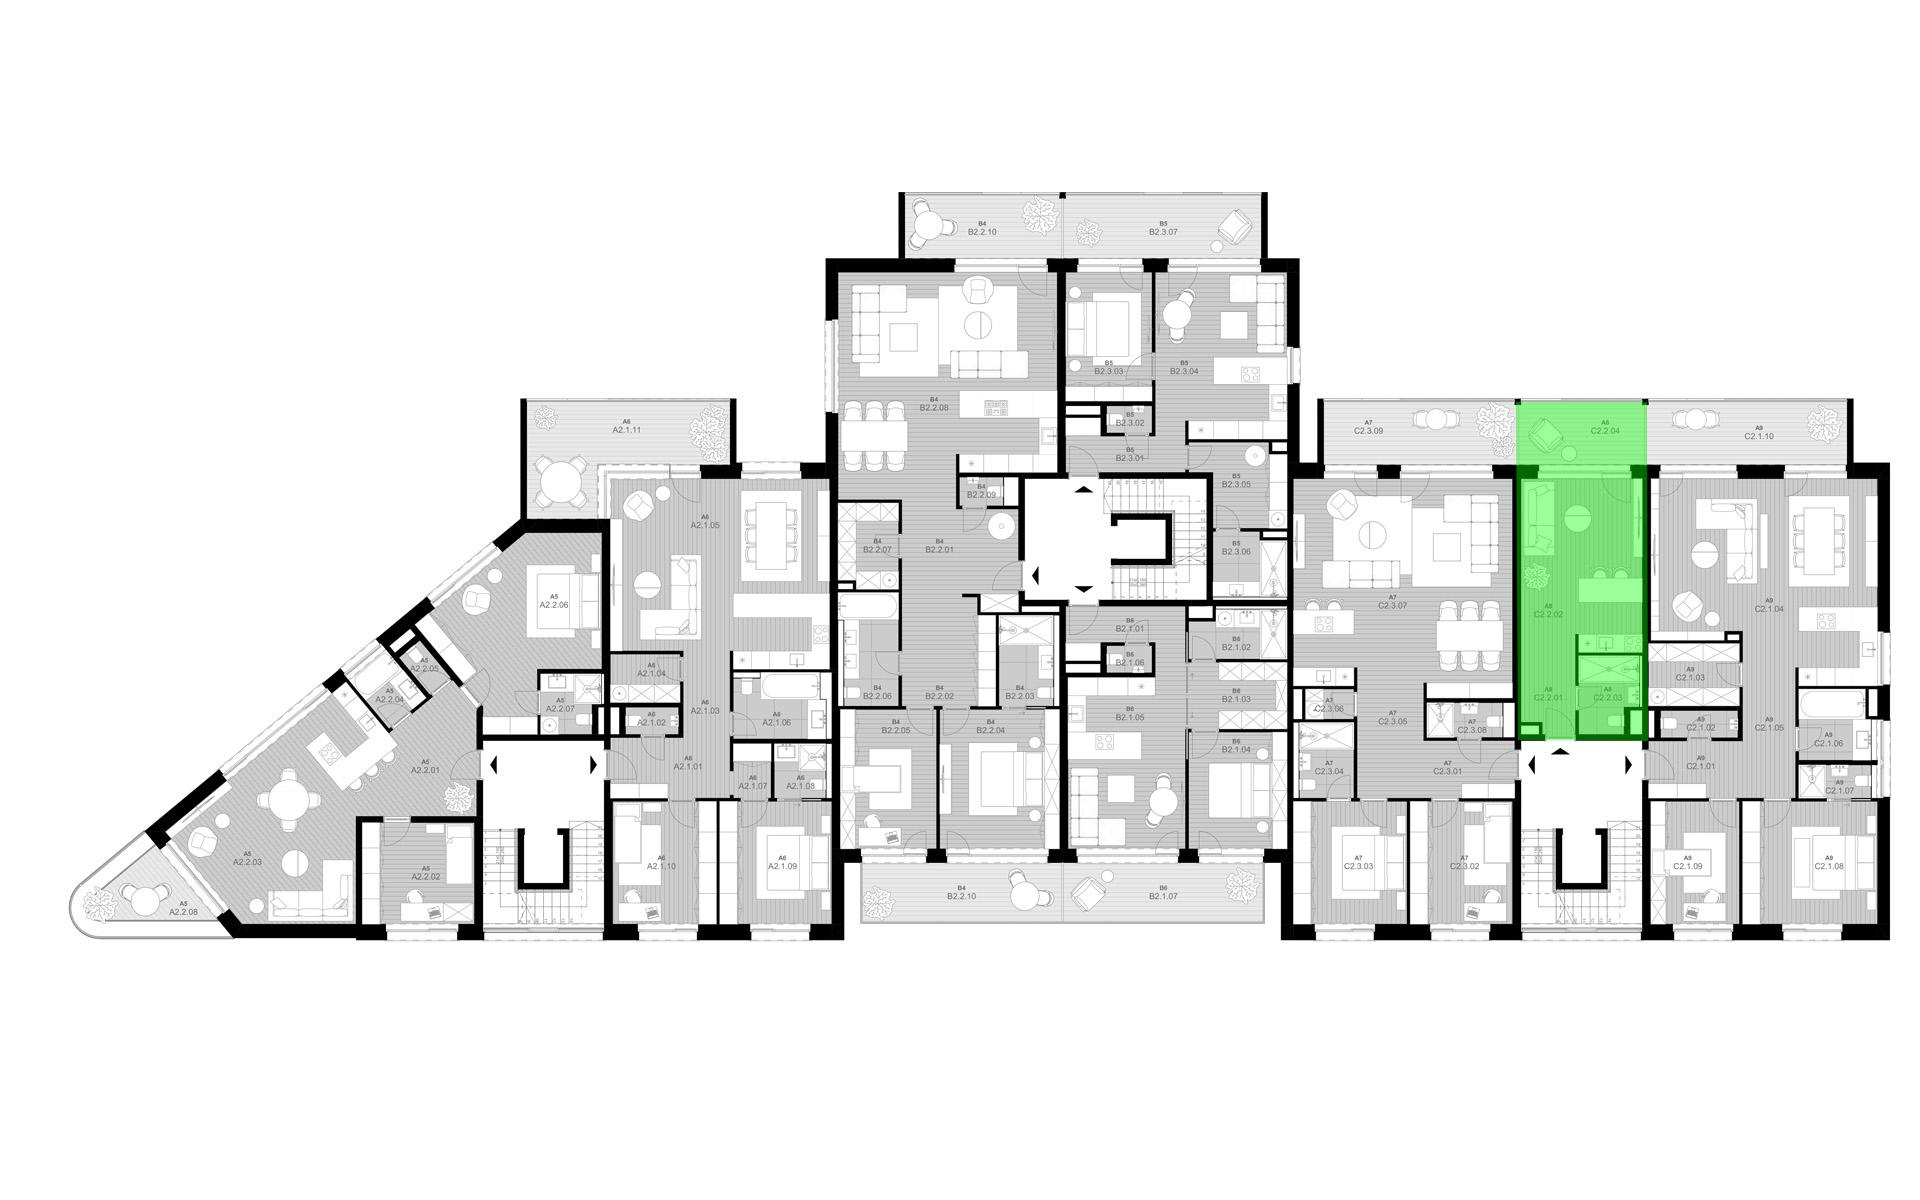 rezidencia K Železnej Studienke - pôdorys so zvýraznením apartmánu C2.2